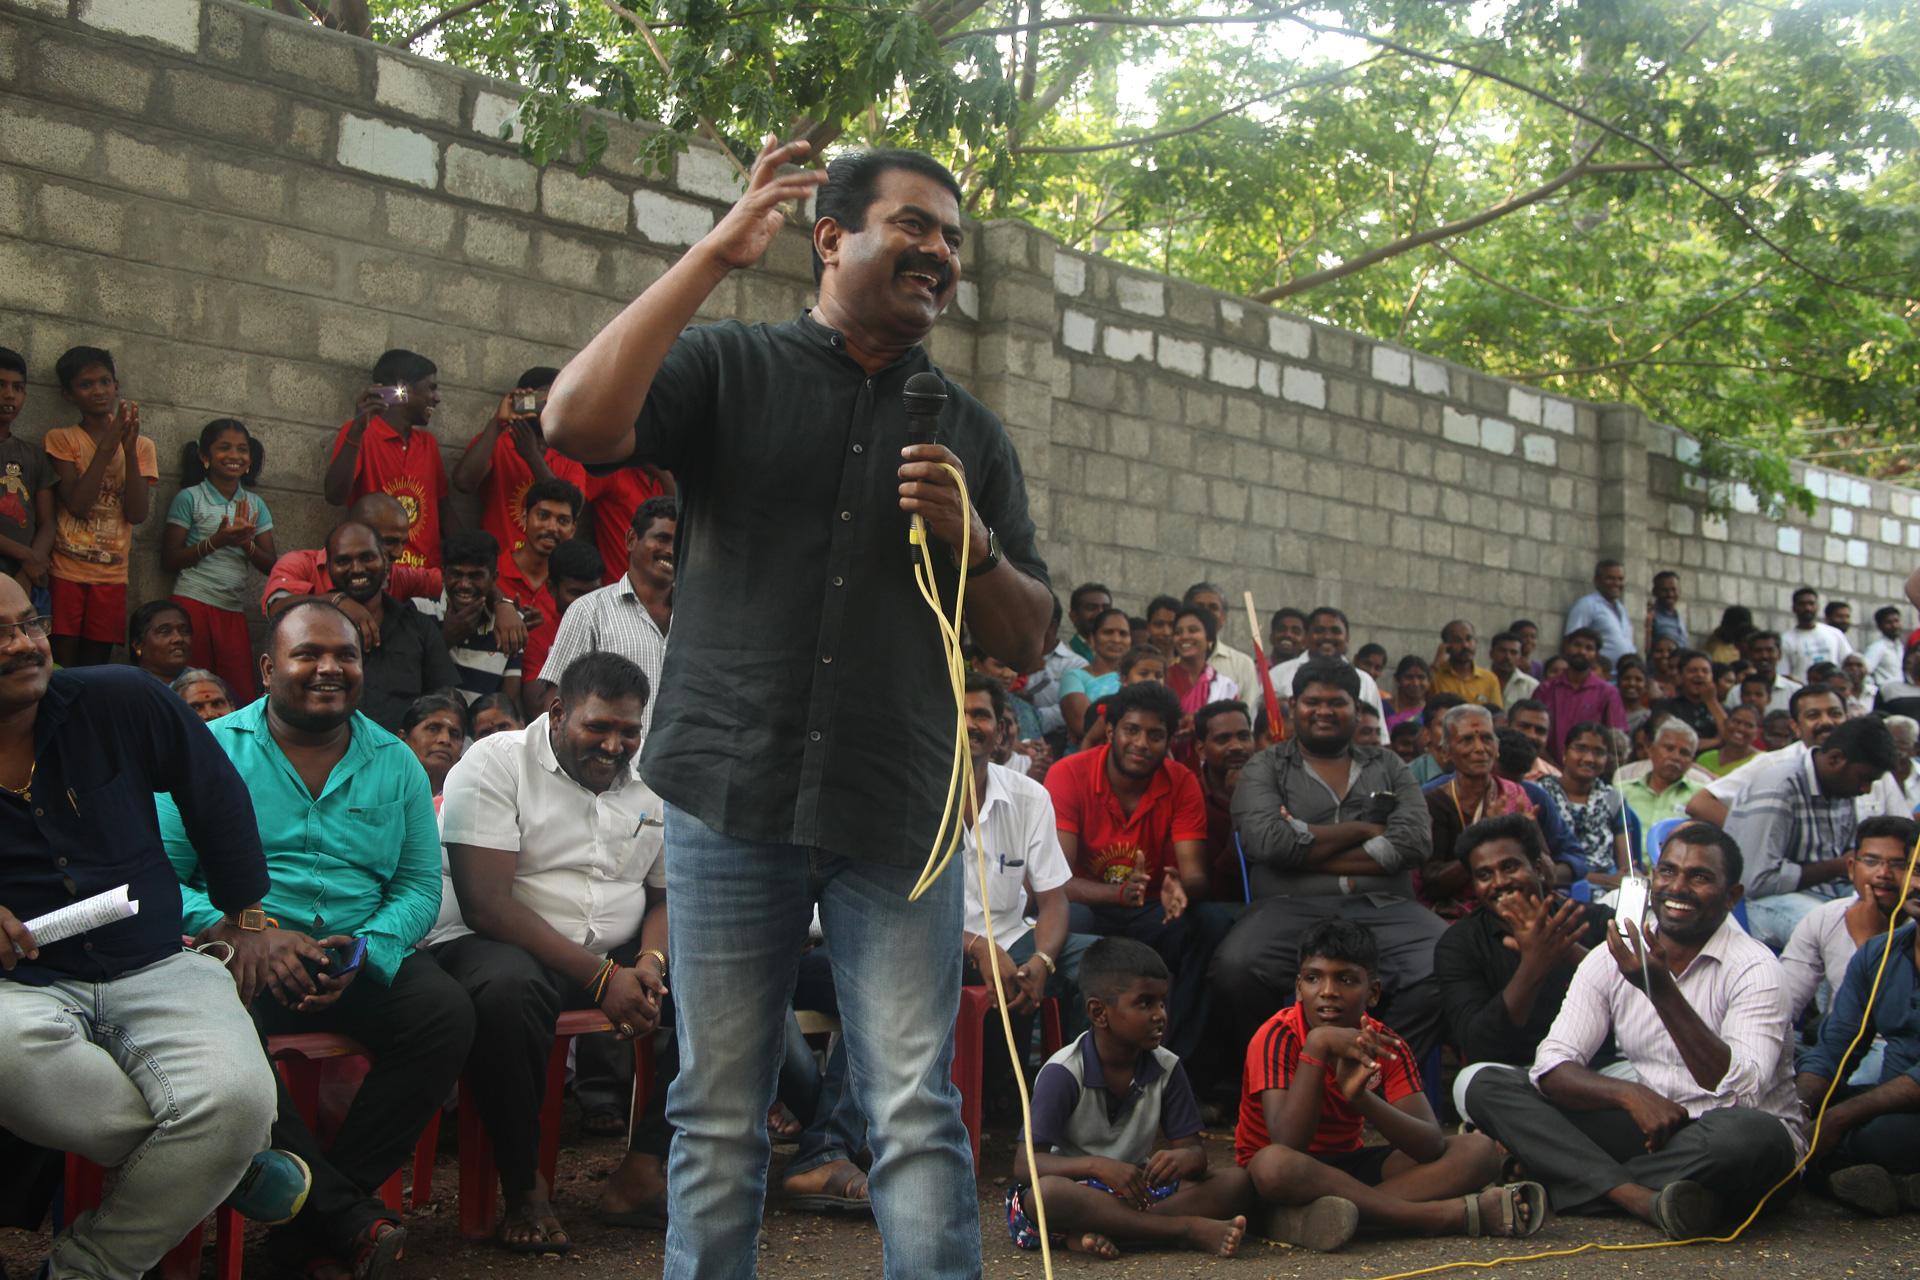 சேலம் – சென்னை 8 வழி சாலை மற்றும் சேலம் விமான நிலைய விரிவாக்கத்தை எதிர்த்து மாபெரும் மக்கள் திரள் பொதுக்கூட்டம் | சீமான், பியுஸ்மனுஷ் பங்கேற்பு seeman piyush manush protest against salem chennai new 8 way greenways road project yerumapalayam naam tamilar katchi 2